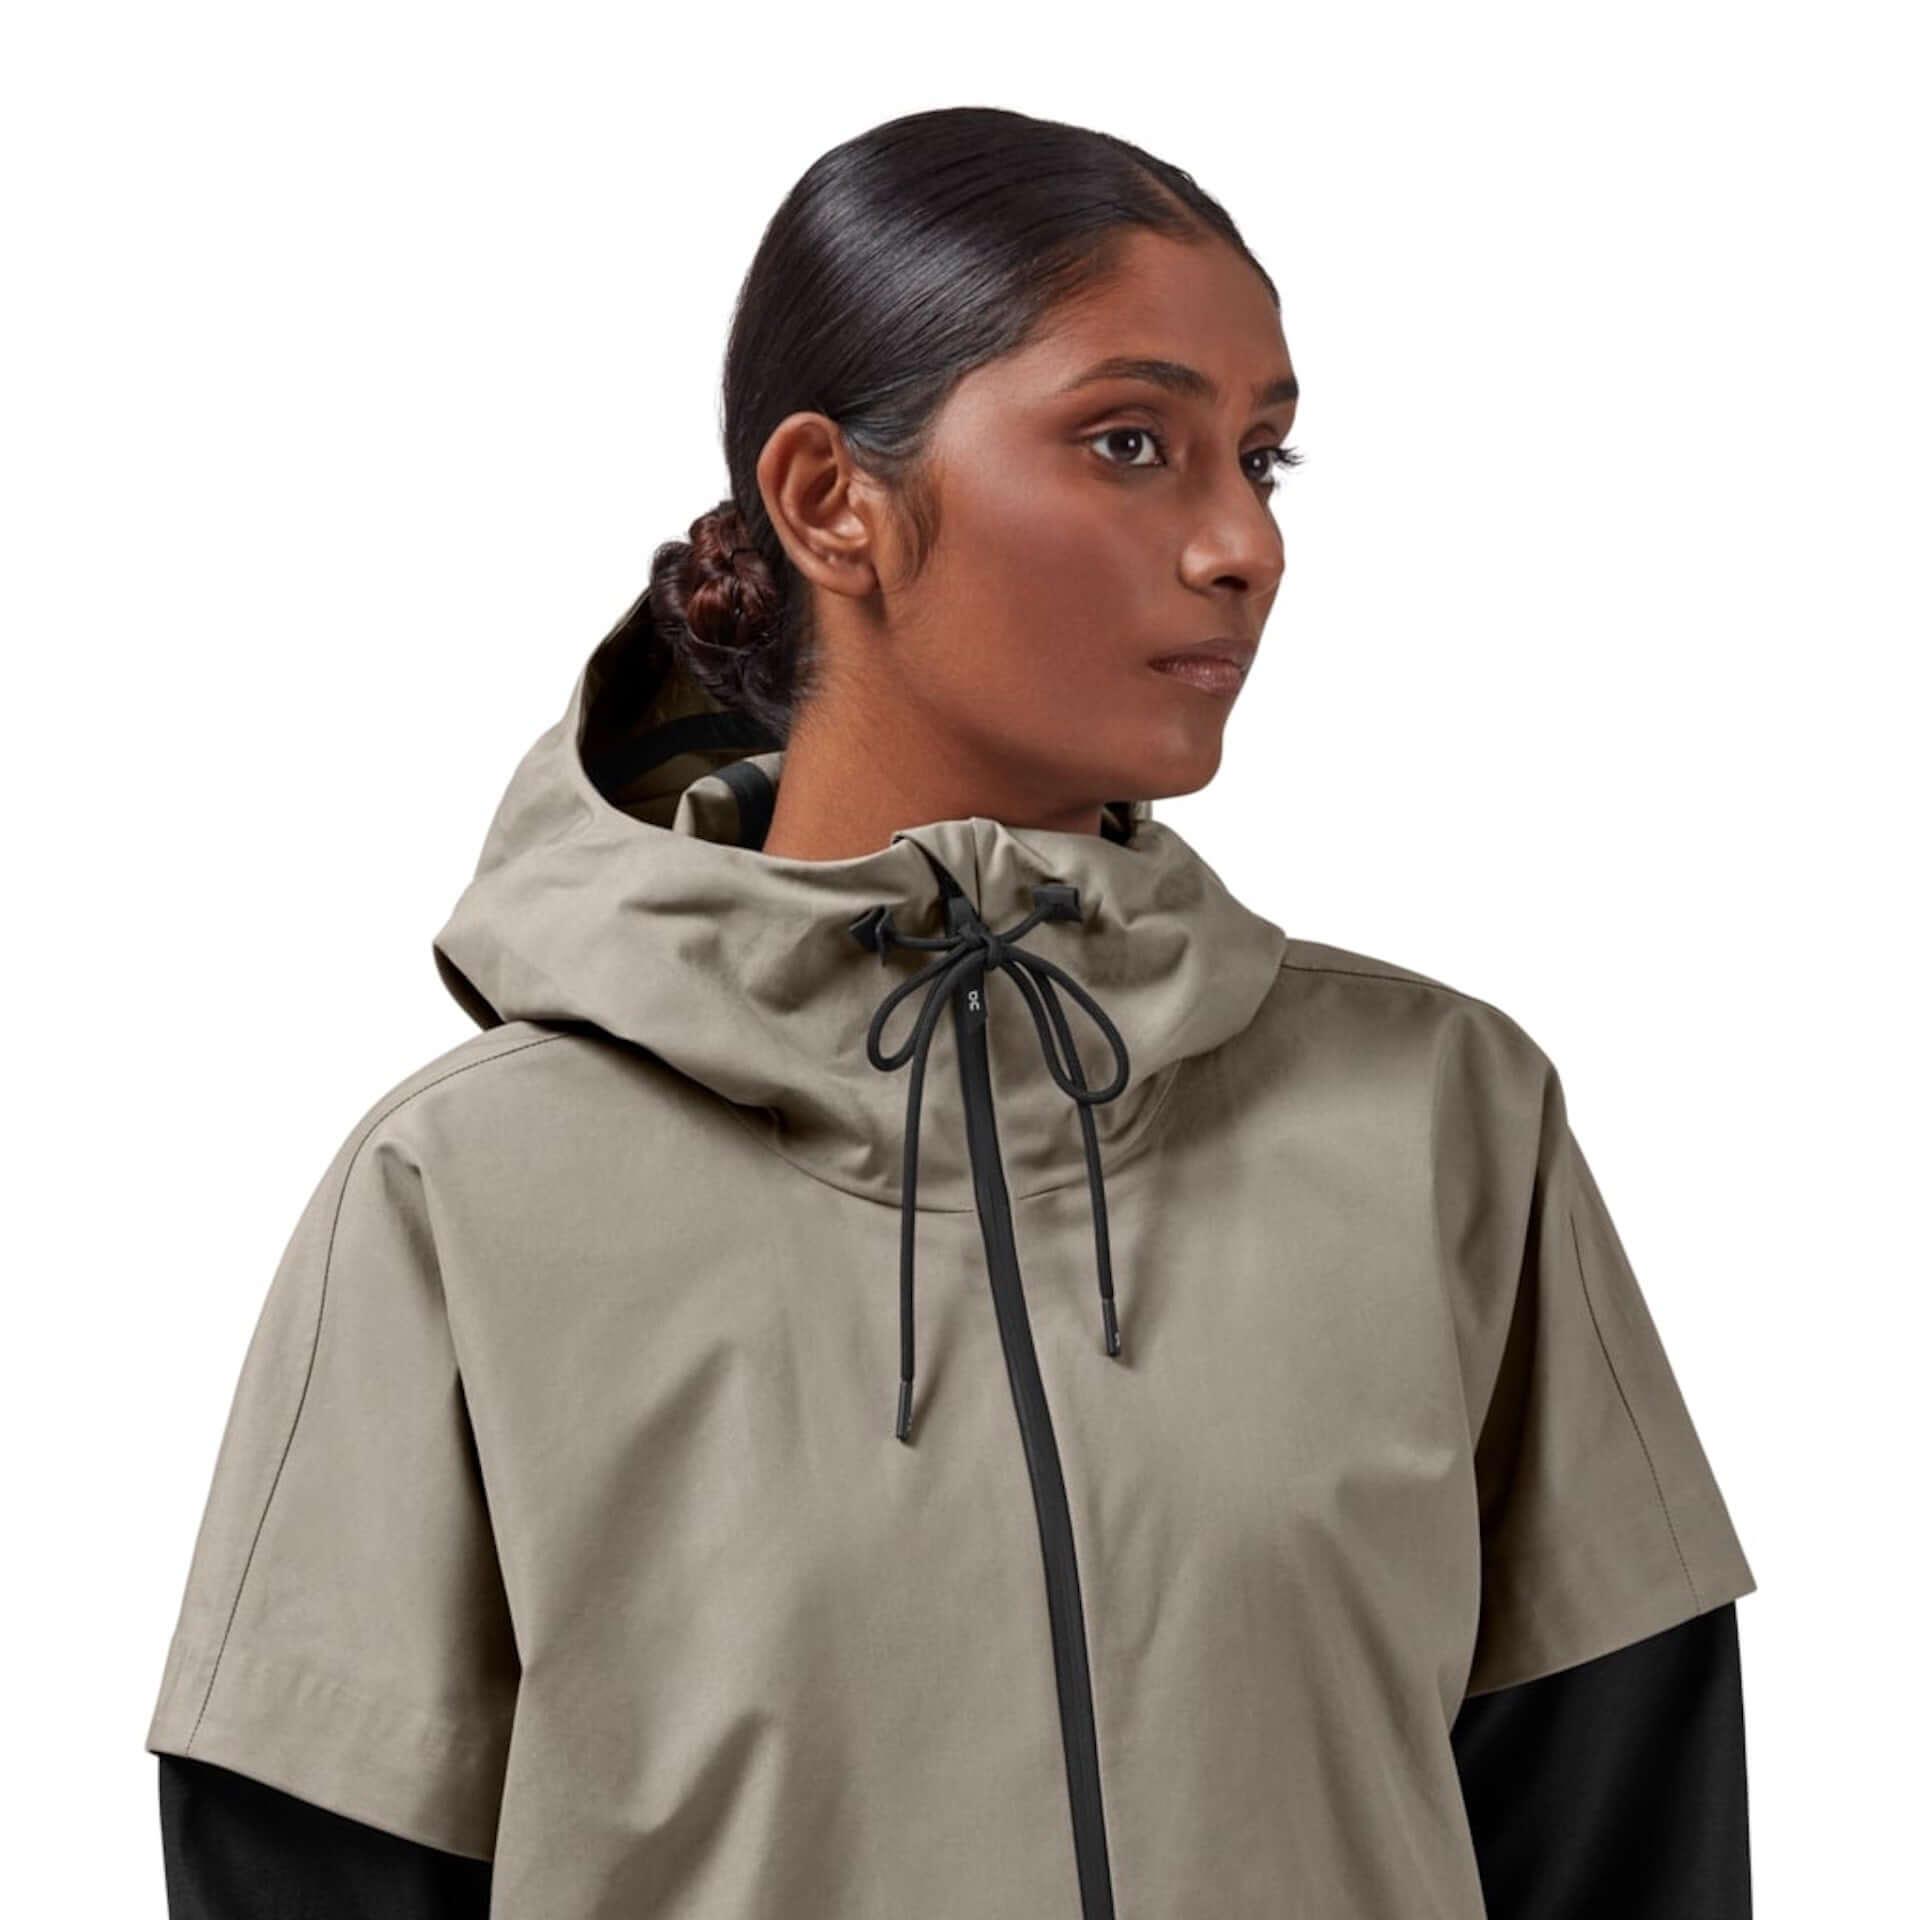 スイス発ブランド「On」が世界600着限定のハイエンドジャケットを発売!環境に配慮したオーガニックコットンを使用 lf201015_on-jacket_9-1920x1920